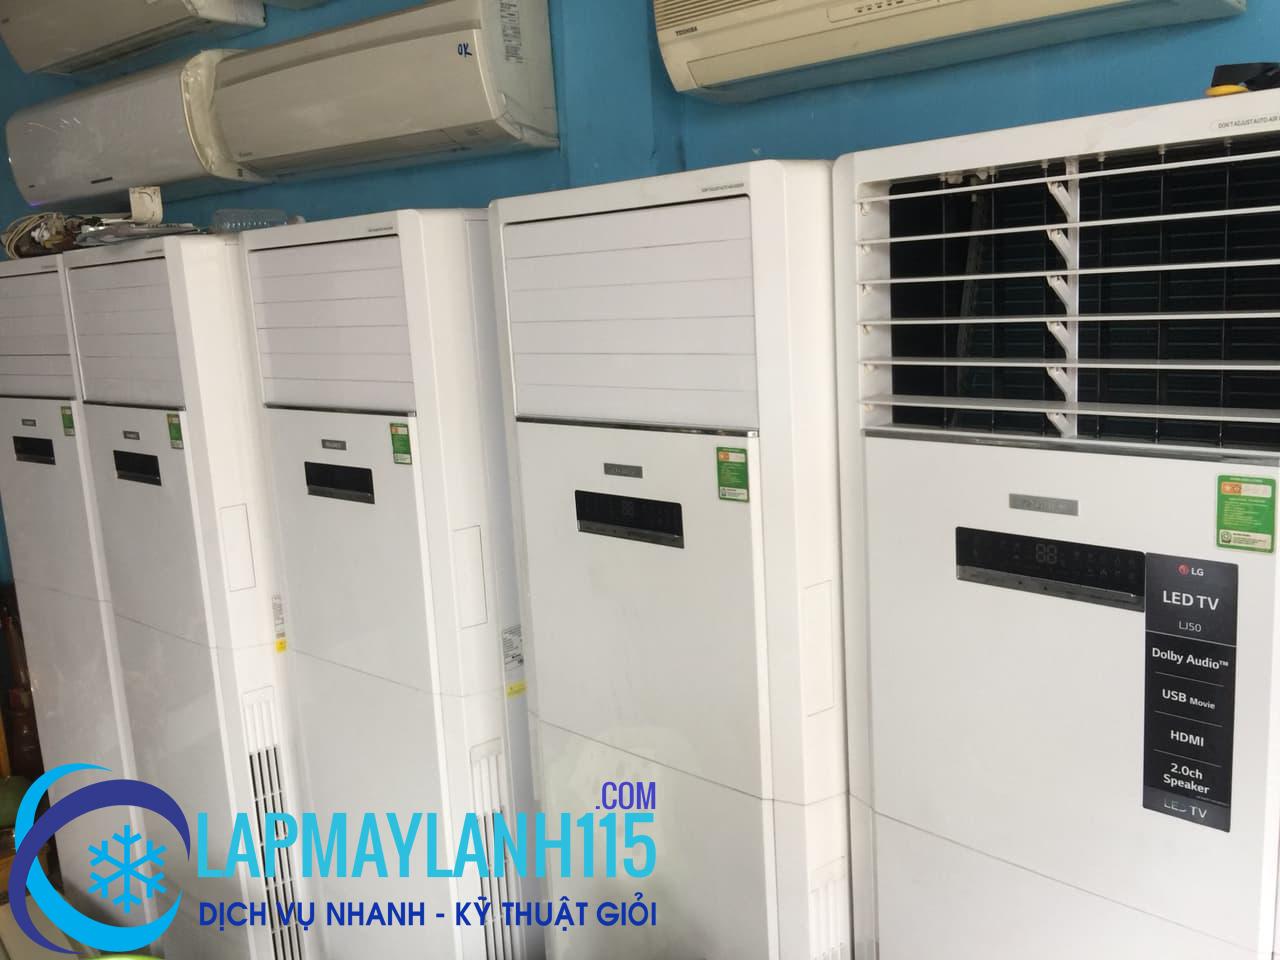 Dịch vụ cho thuê máy lạnh công nghiệp tại Sài Gòn